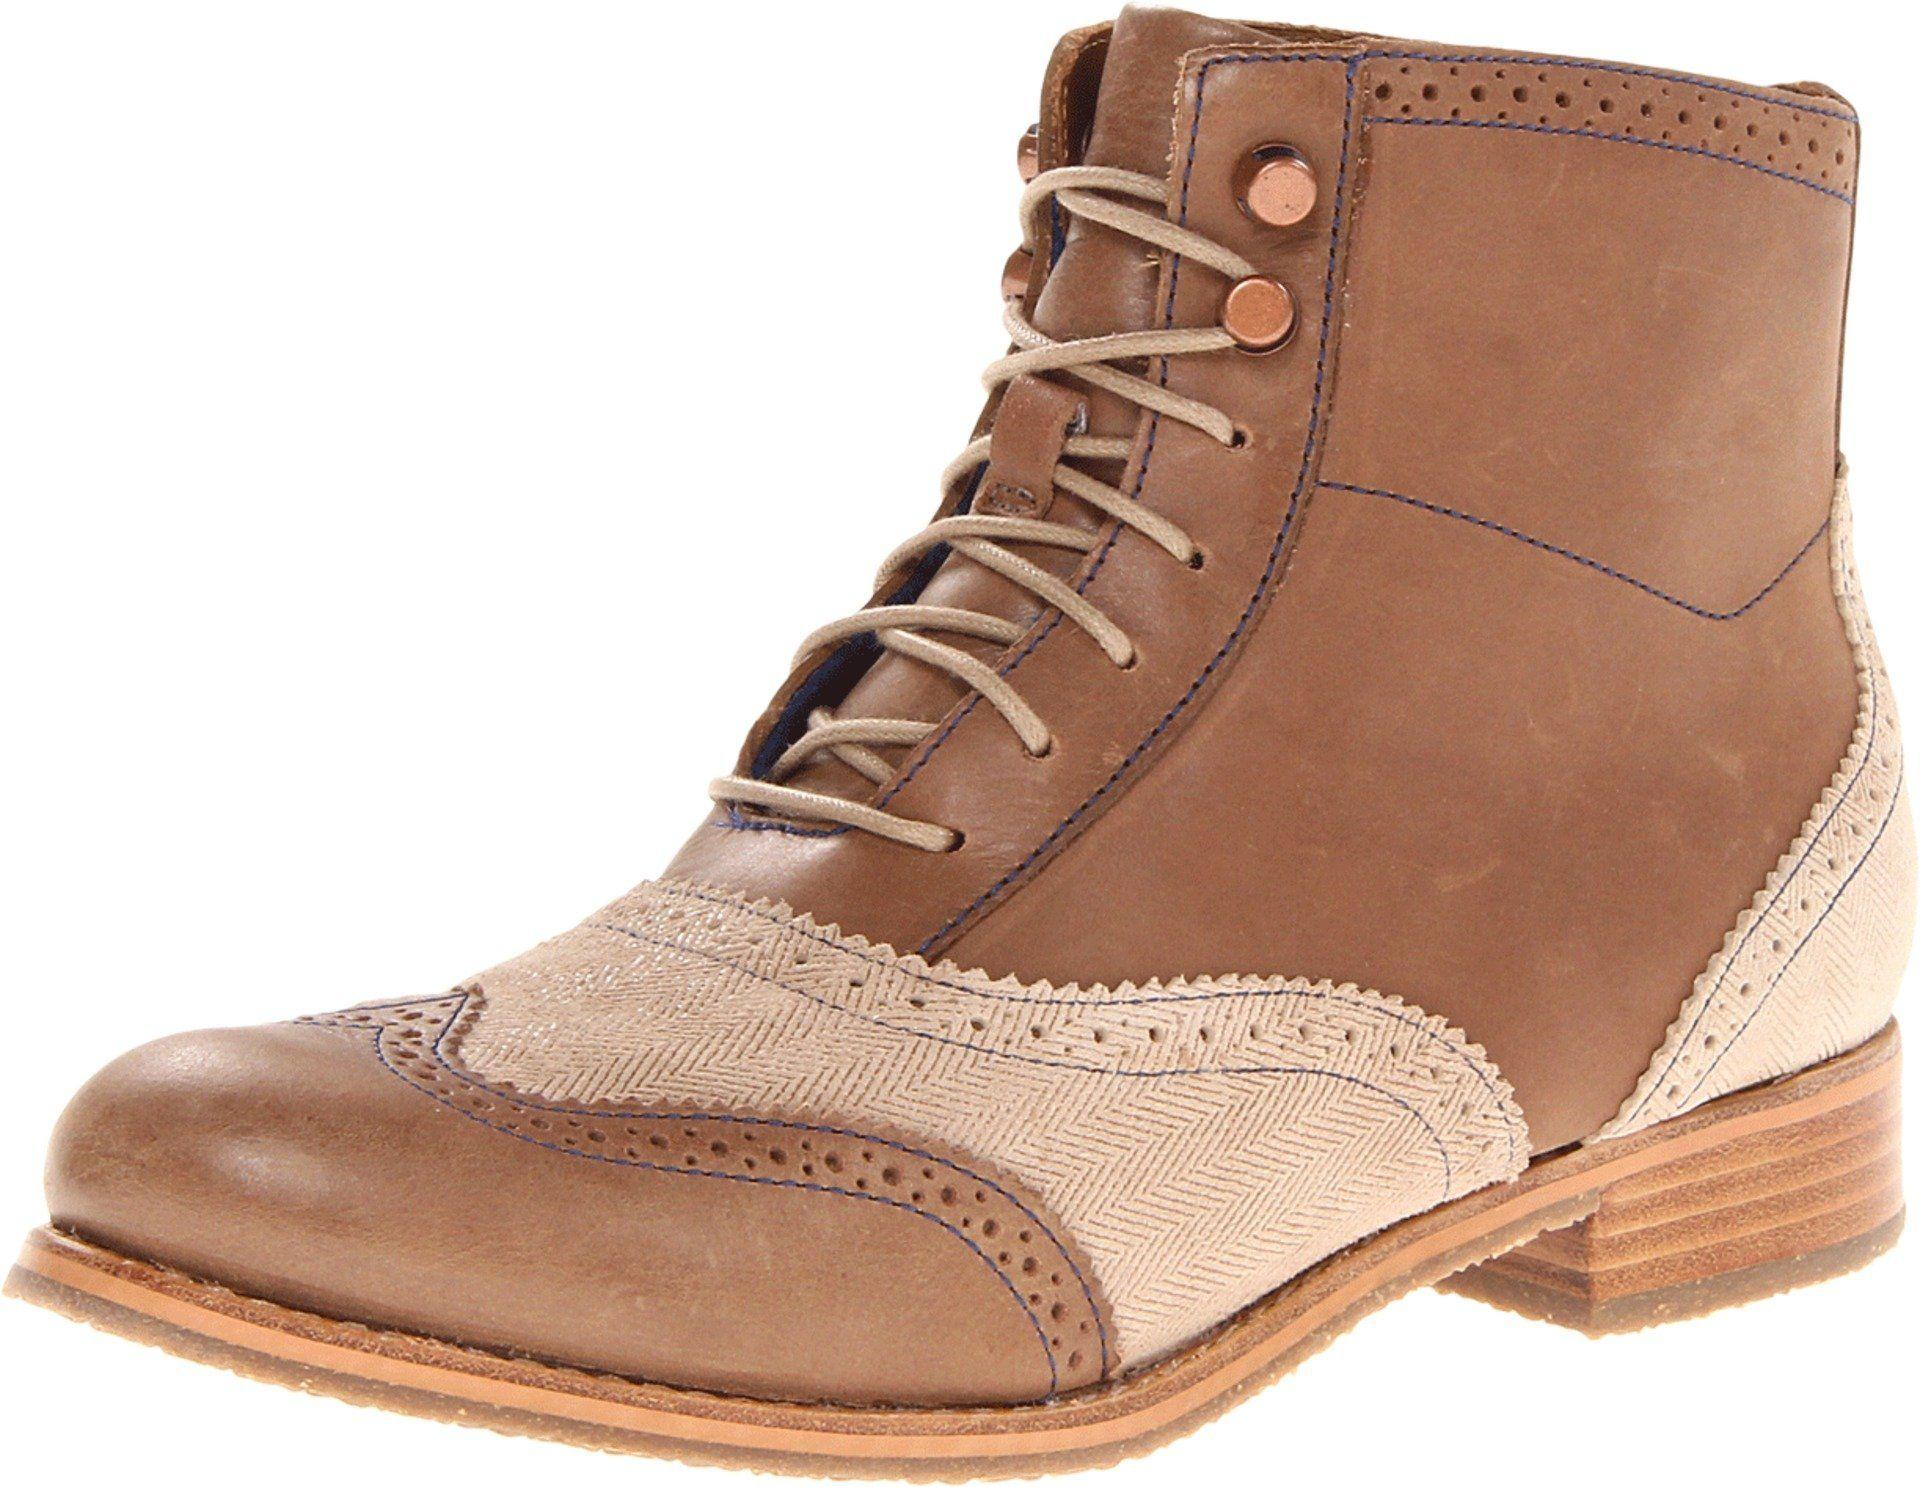 CLAREMONT BOOT B405102, Damen Chukka Boots, Beige (BEIGE), EU 36 (UK 3.5) (US 6) Sebago